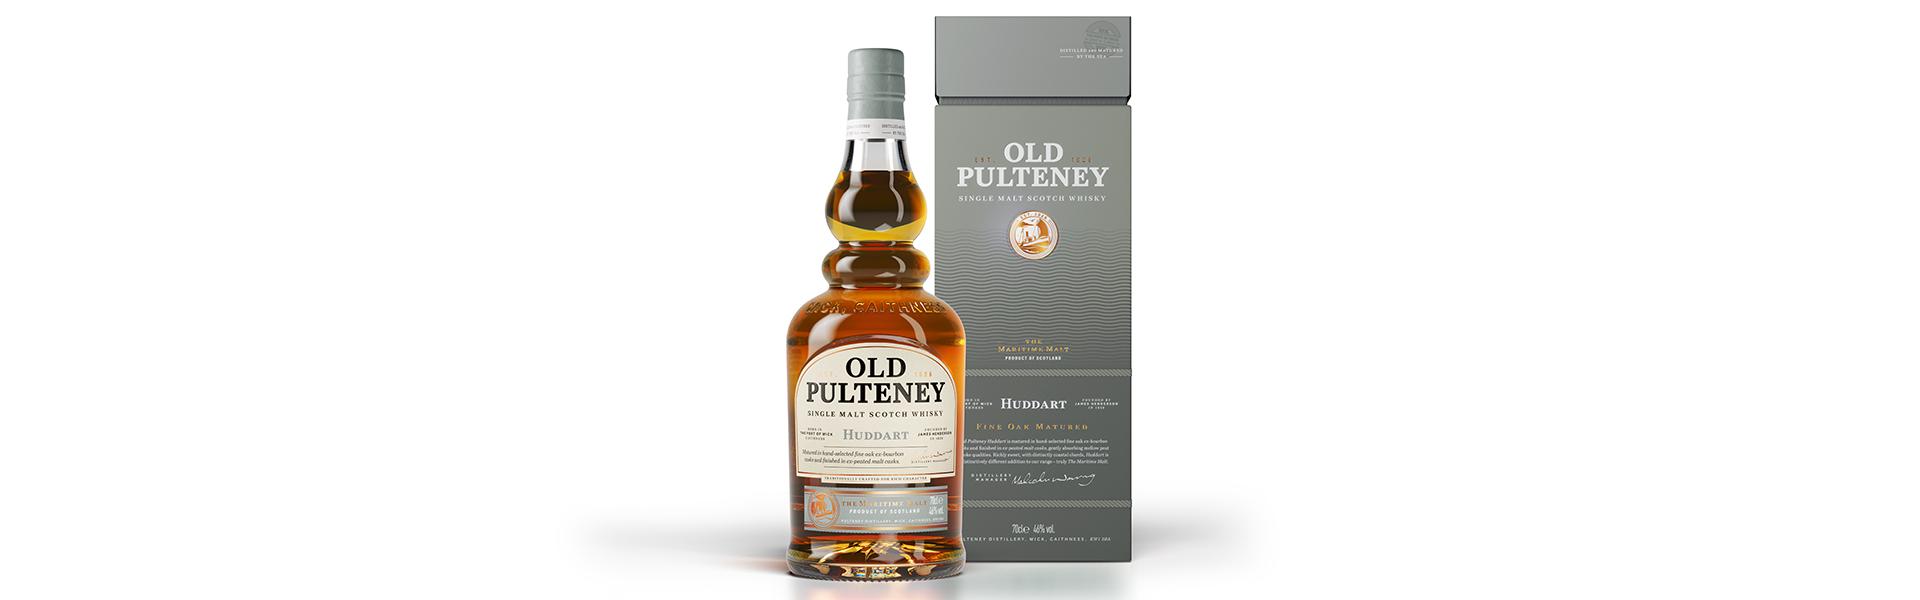 Rökig single malt whisky från populära Old Pulteney lanseras på Systembolaget den 17:e maj